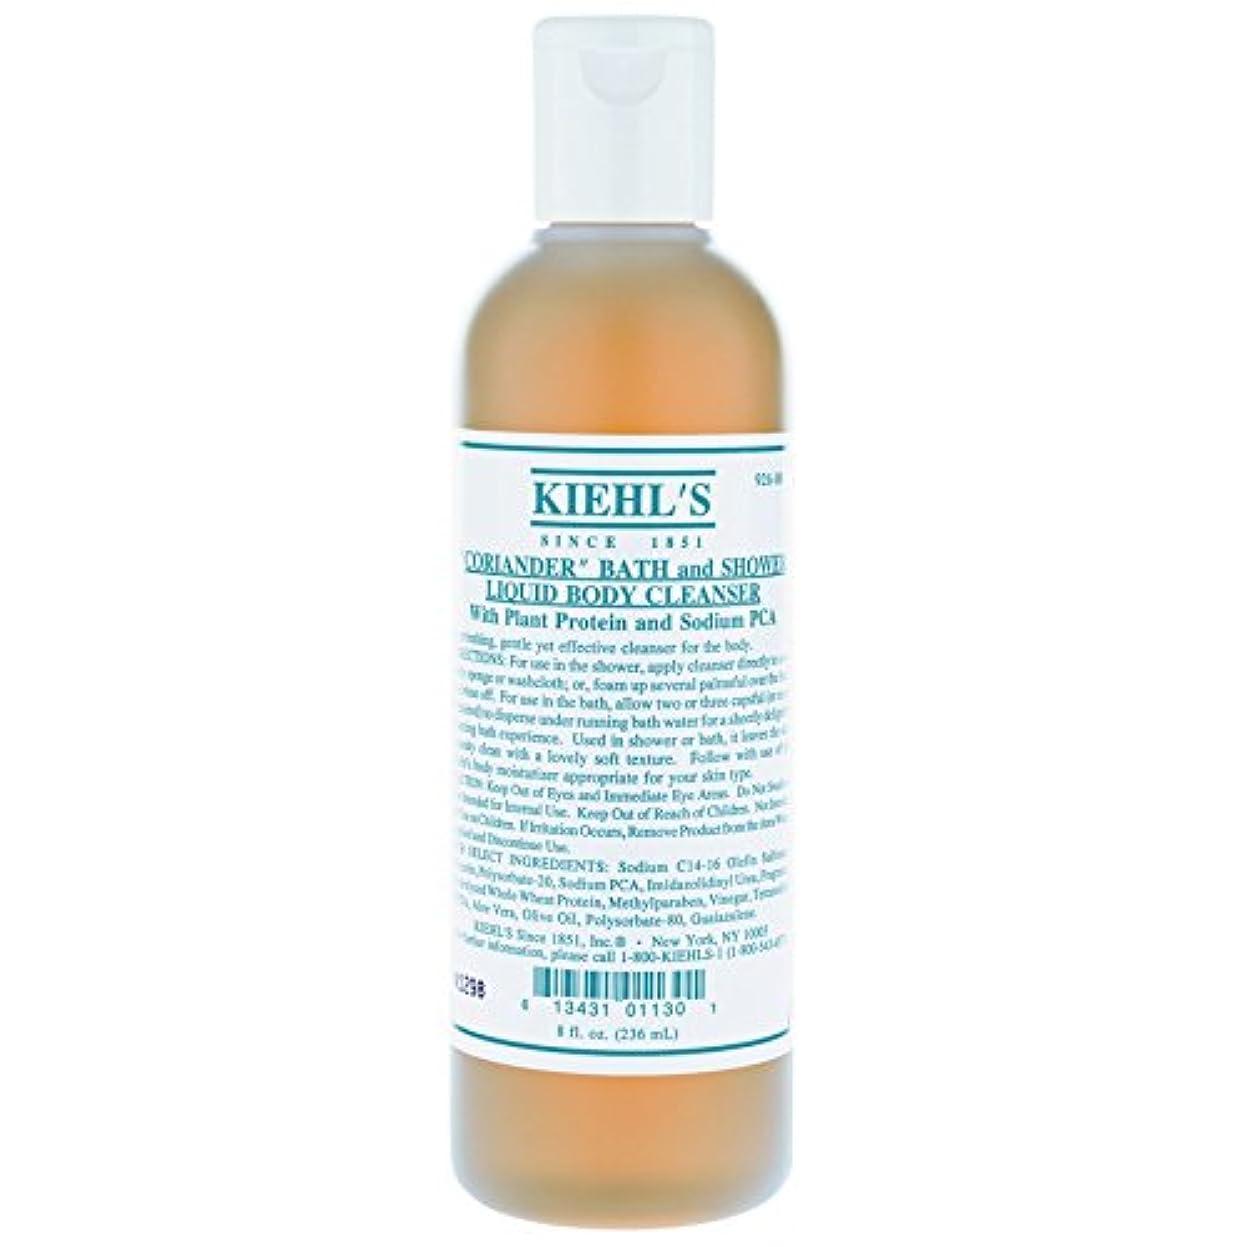 残忍なスケッチマウス[Kiehl's] キールズコリアンダーバス&シャワー液体ボディクレンザー500ミリリットル - Kiehl's Coriander Bath & Shower Liquid Body Cleanser 500ml [並行輸入品]